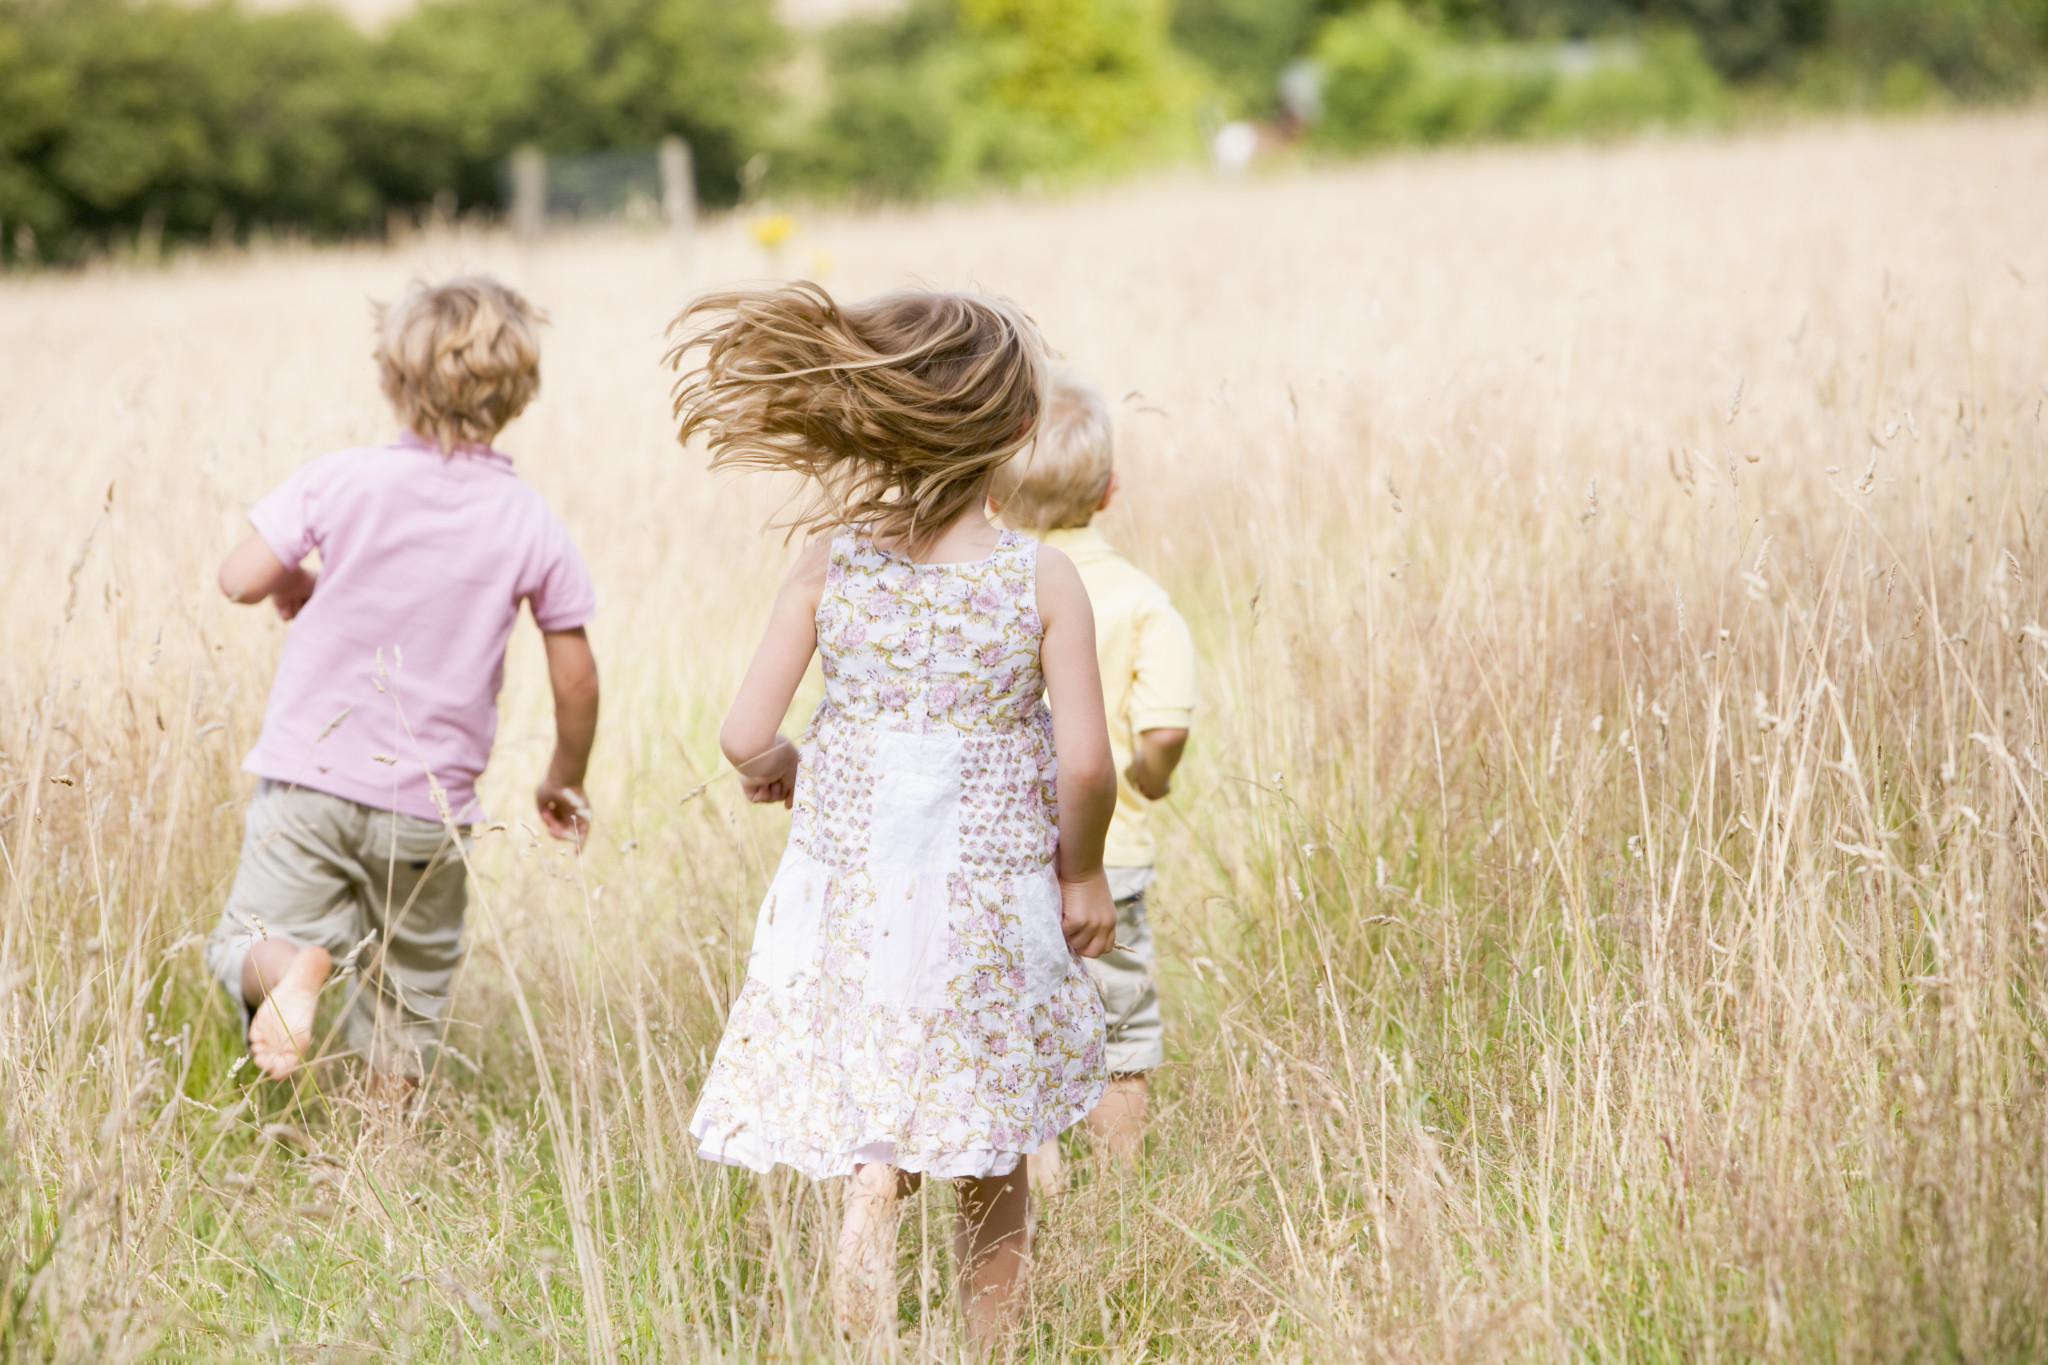 Tre mindre barn springandes på äng.